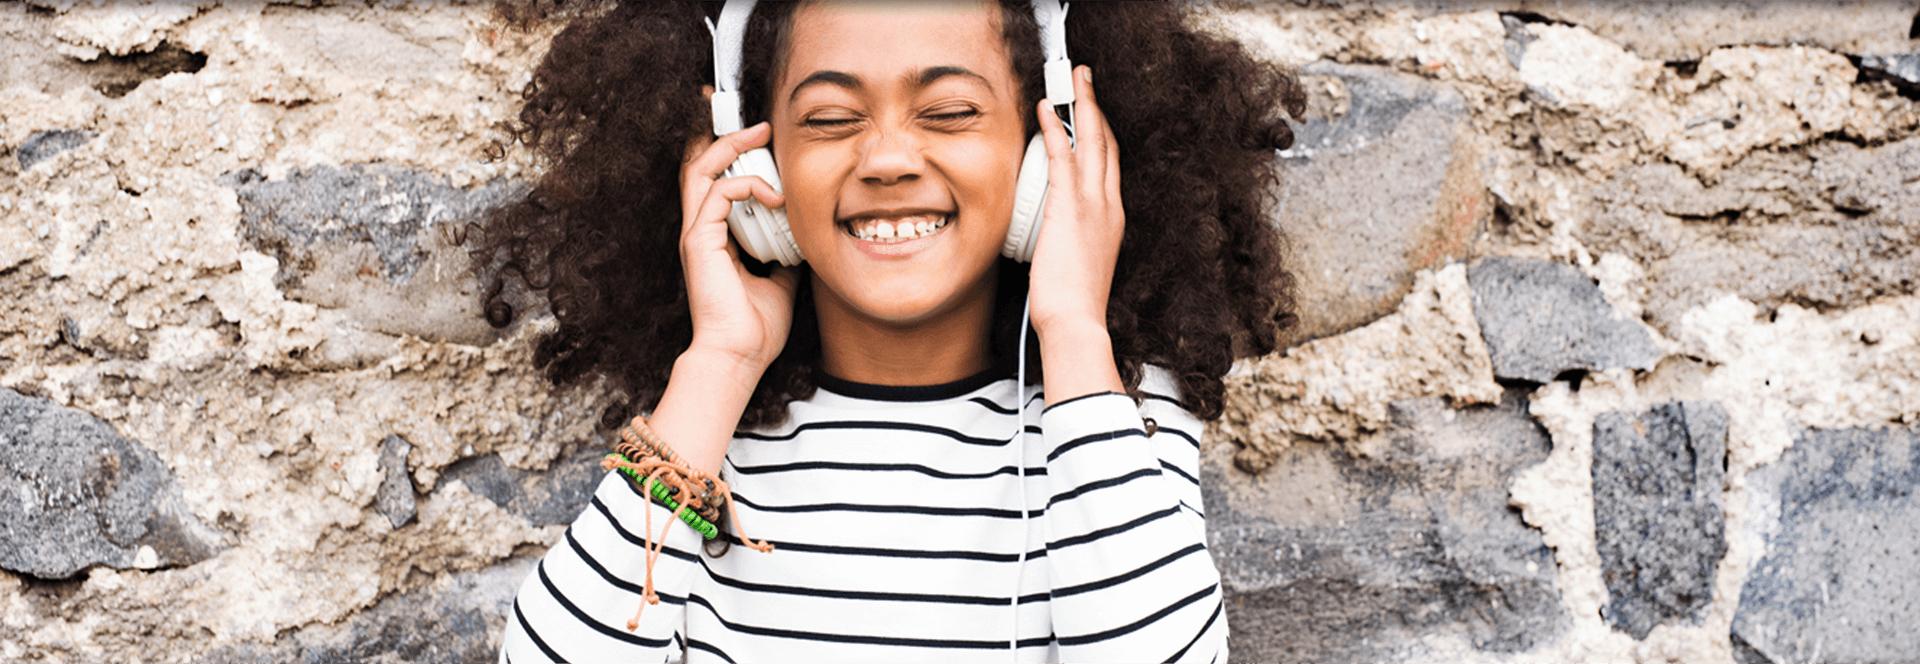 Imagem - O perigo do uso de fones de ouvido em crianças